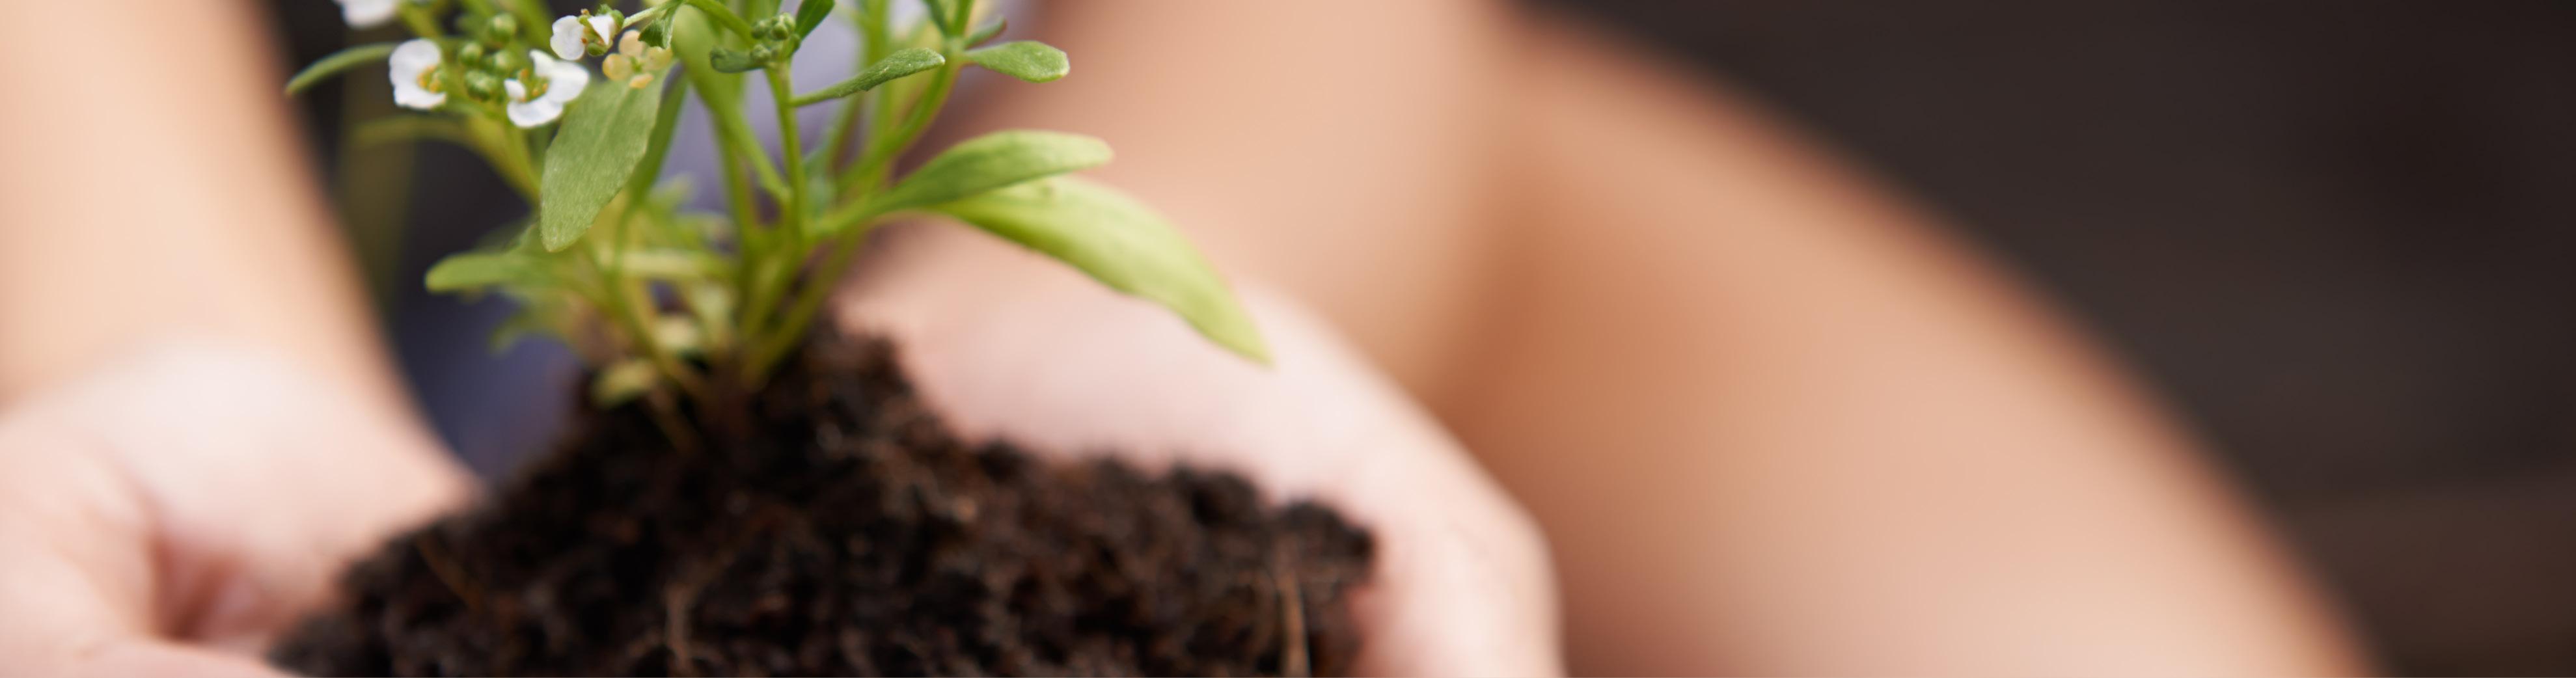 L'alternative écologique